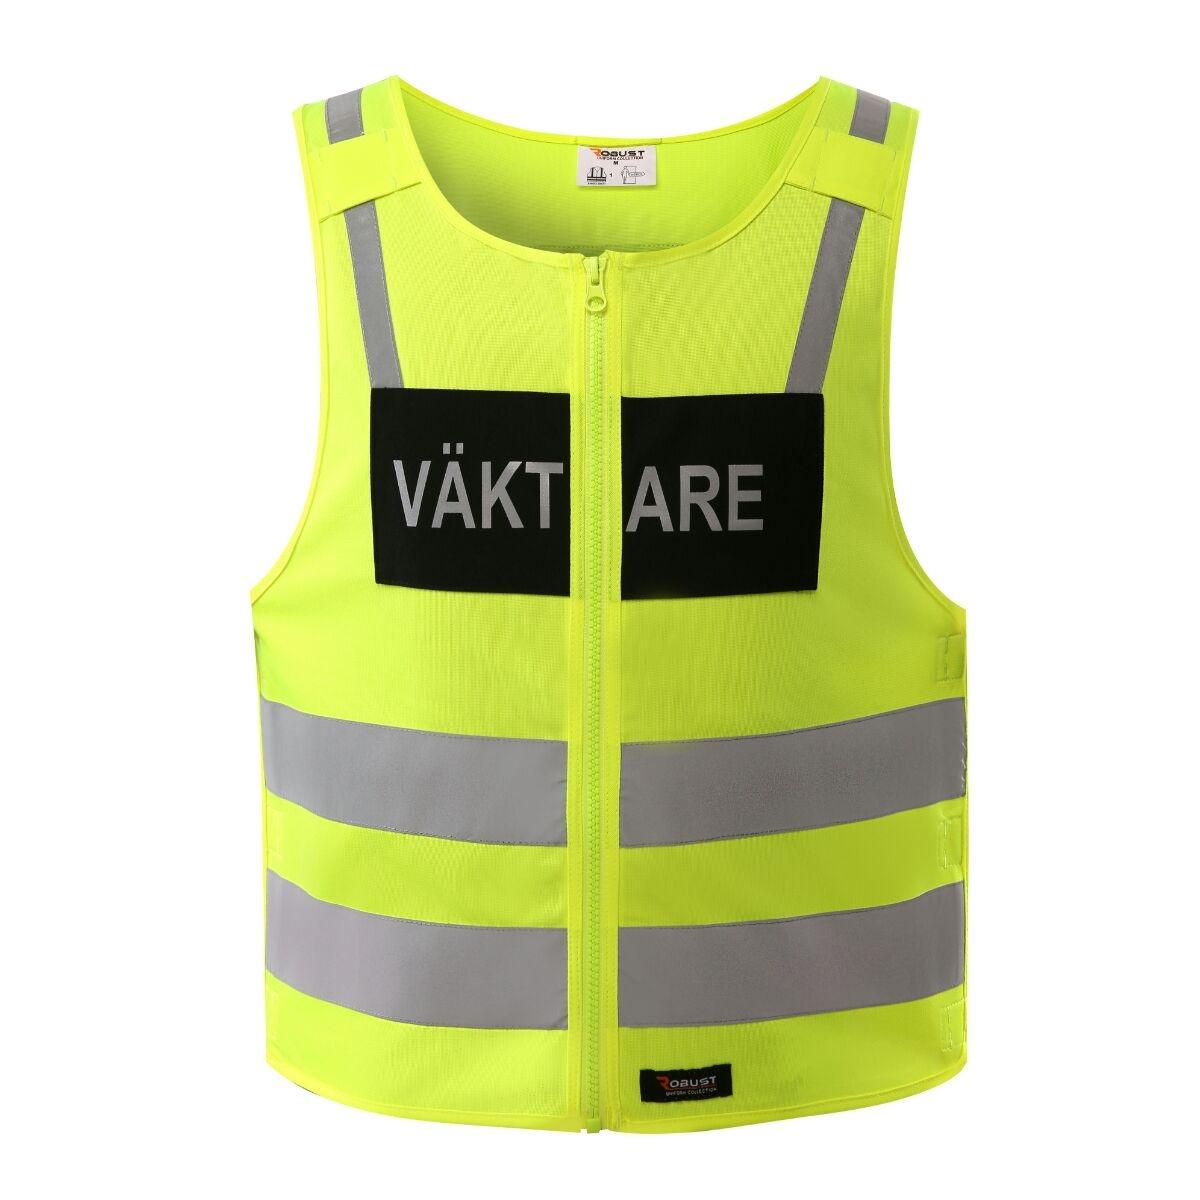 Väktare Uniformskläder - VAKTBUTIKEN.SE